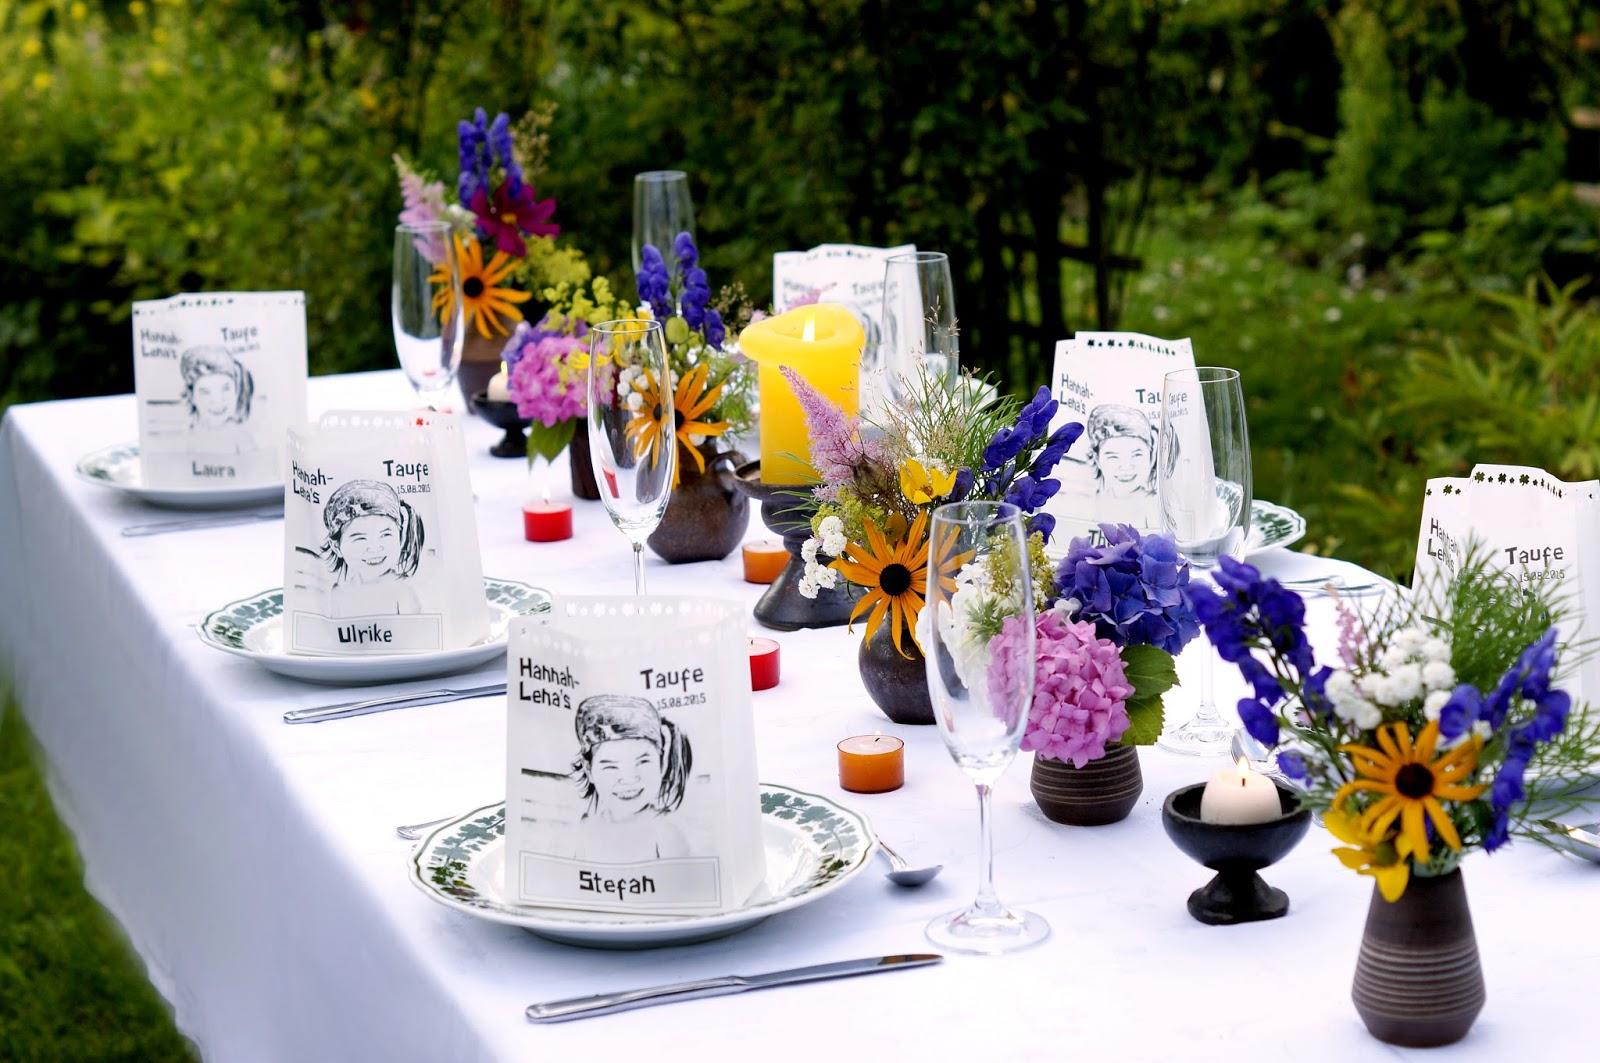 Tischdeko Taufe Blumen Taufe Und Taufdekoration Mit Tischdeko Online